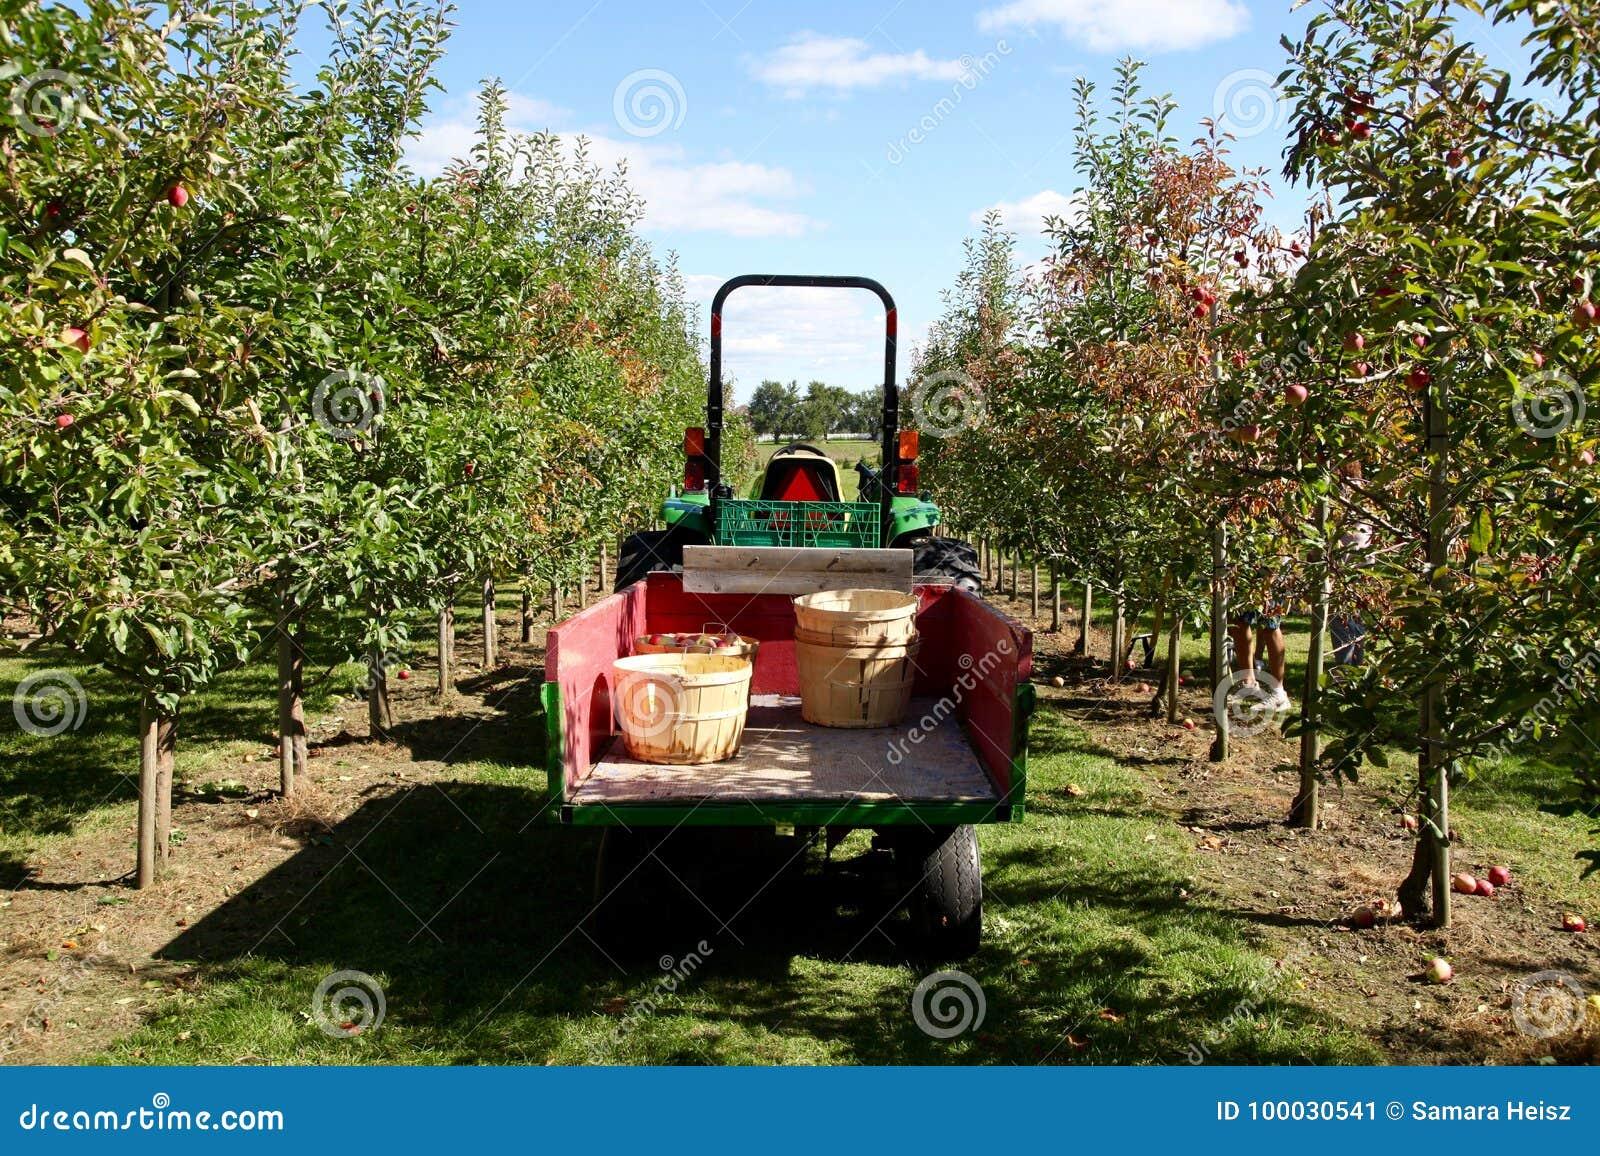 Tracteur moissonnant des pommes